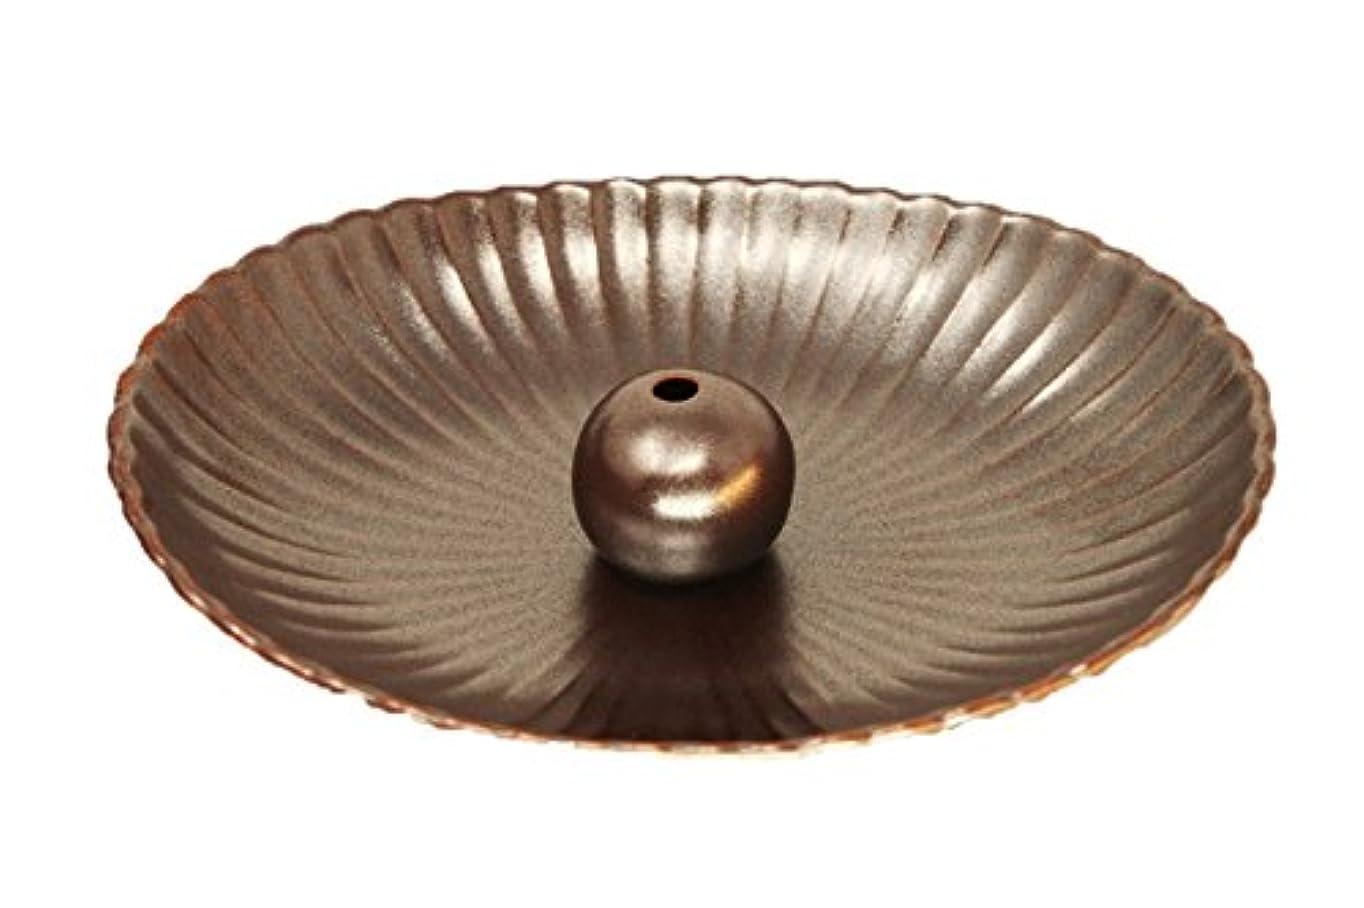 スパンデンマーク夜鉄器色 楕円皿 日本製 製造?直売 お香立て お香たて 陶器 少し深めな香皿